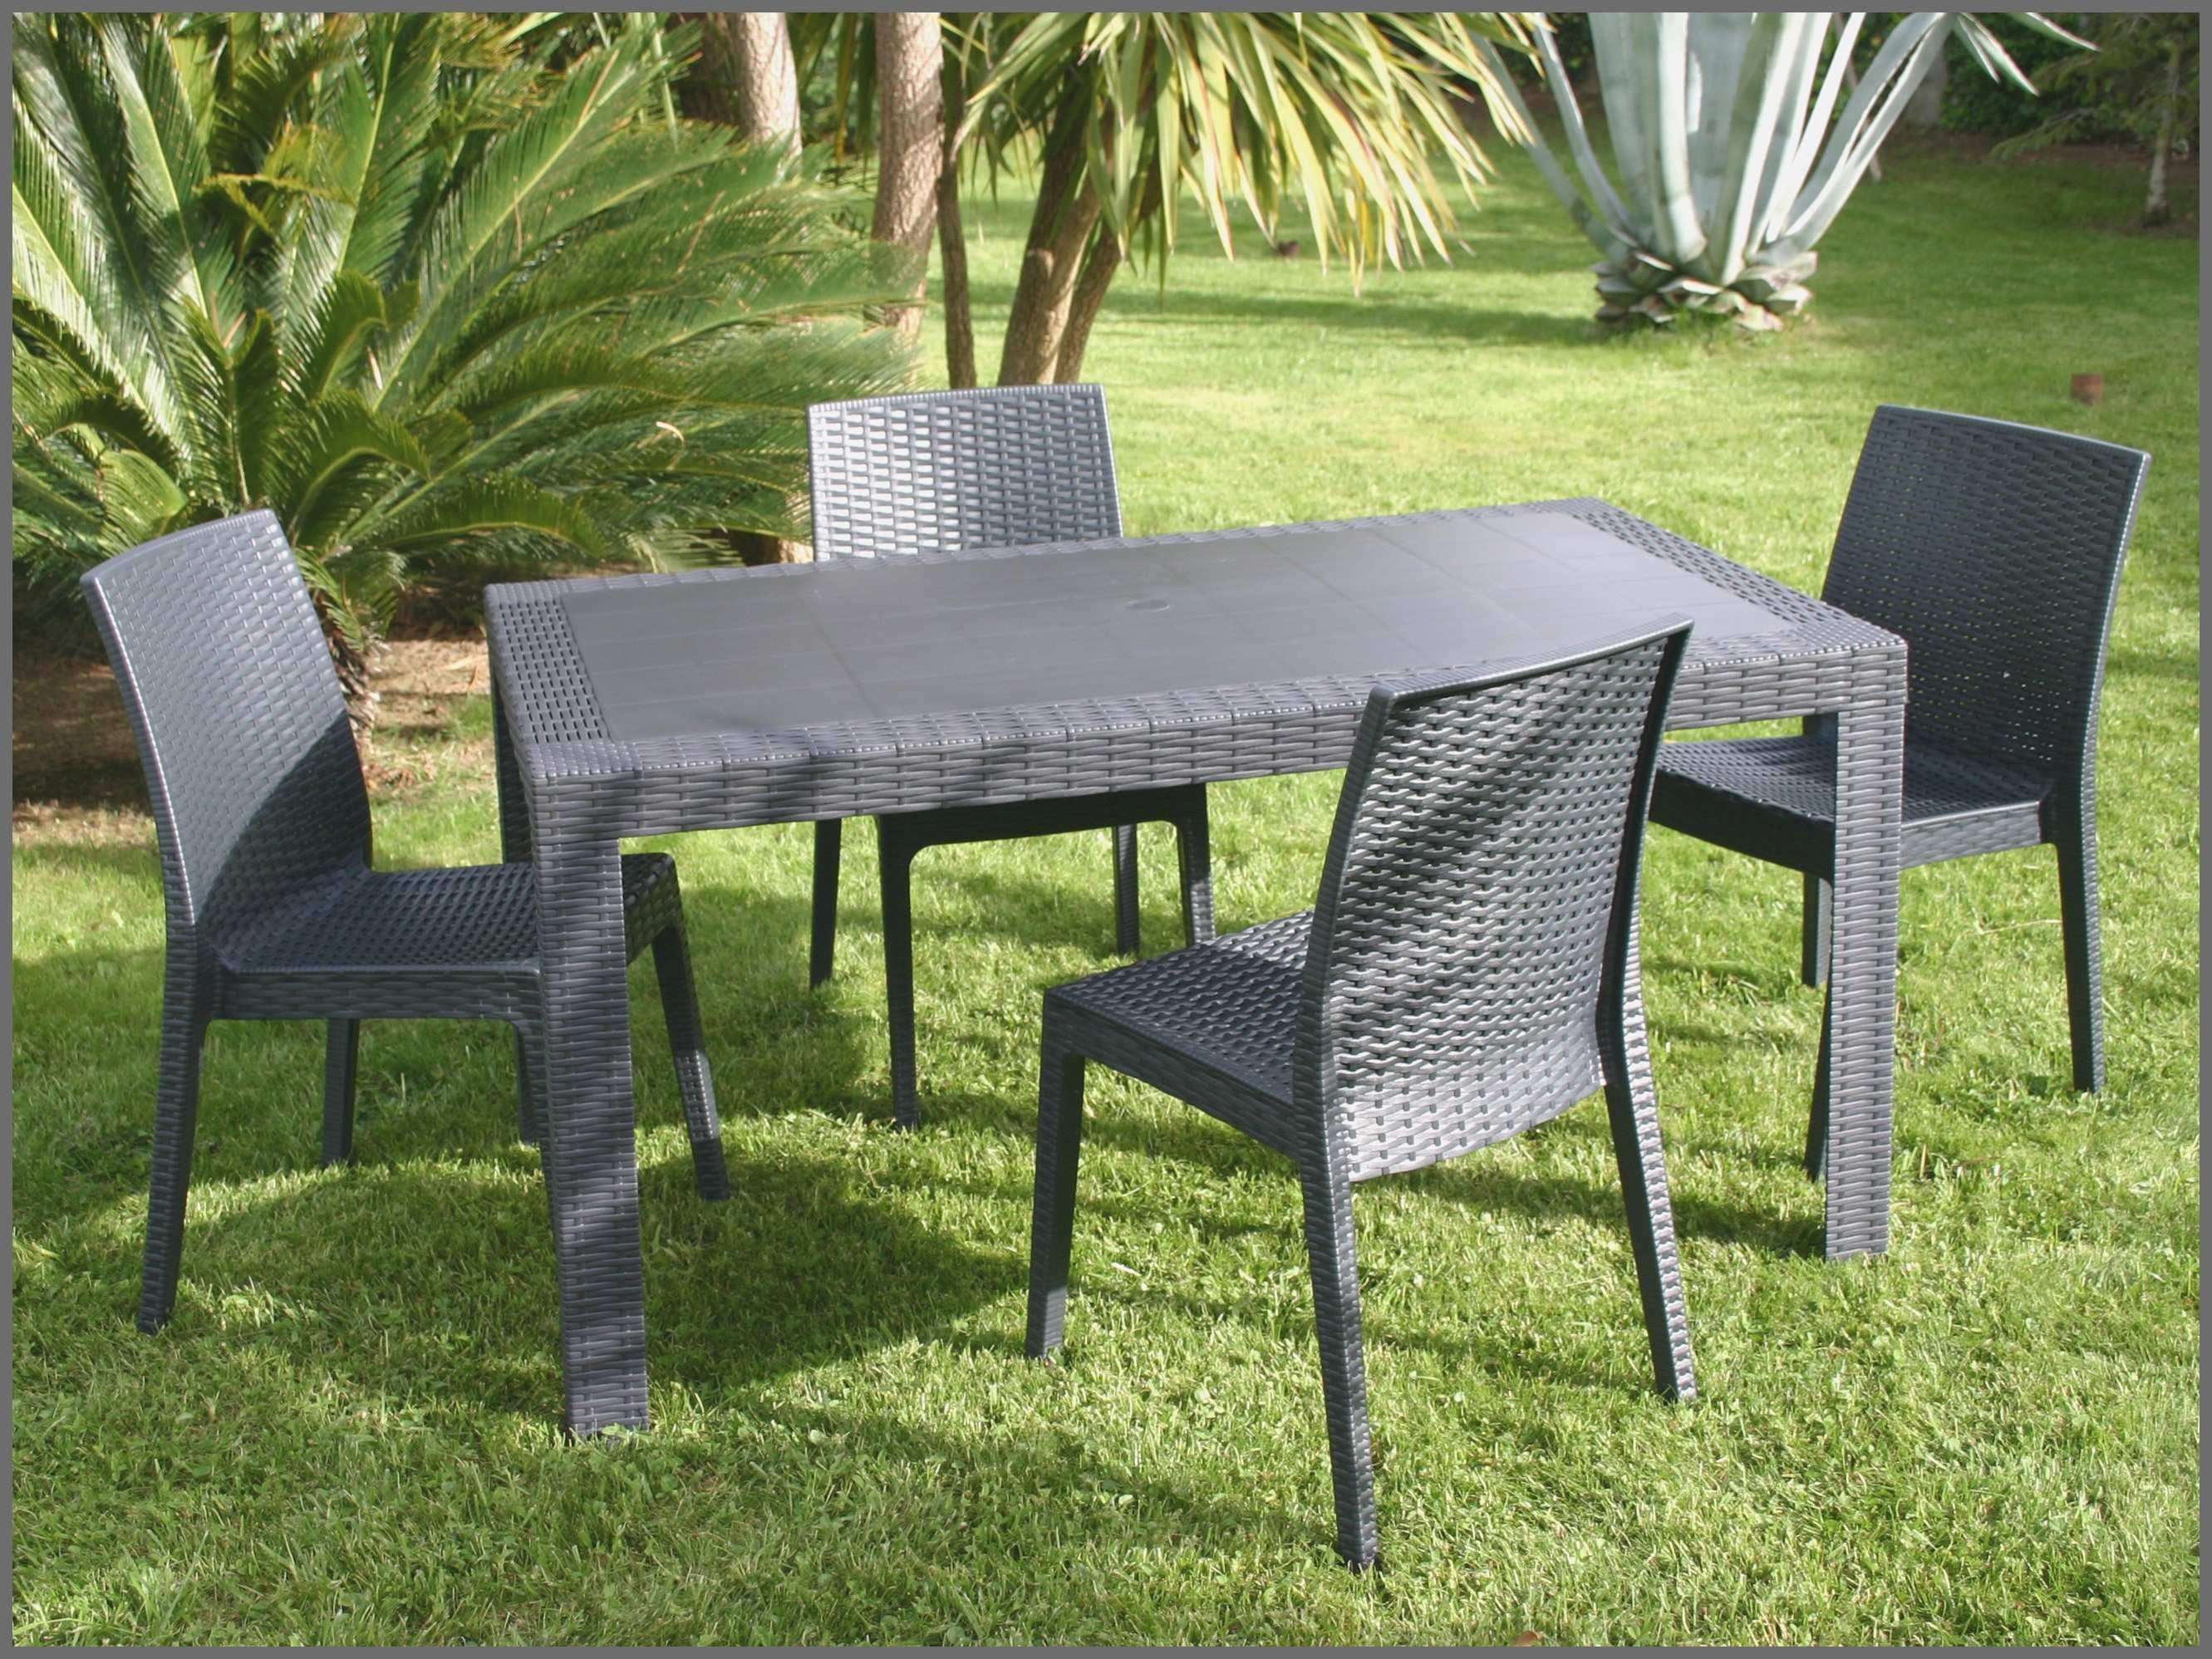 Chaise de jardin vlaemynck - veranda-styledevie.fr